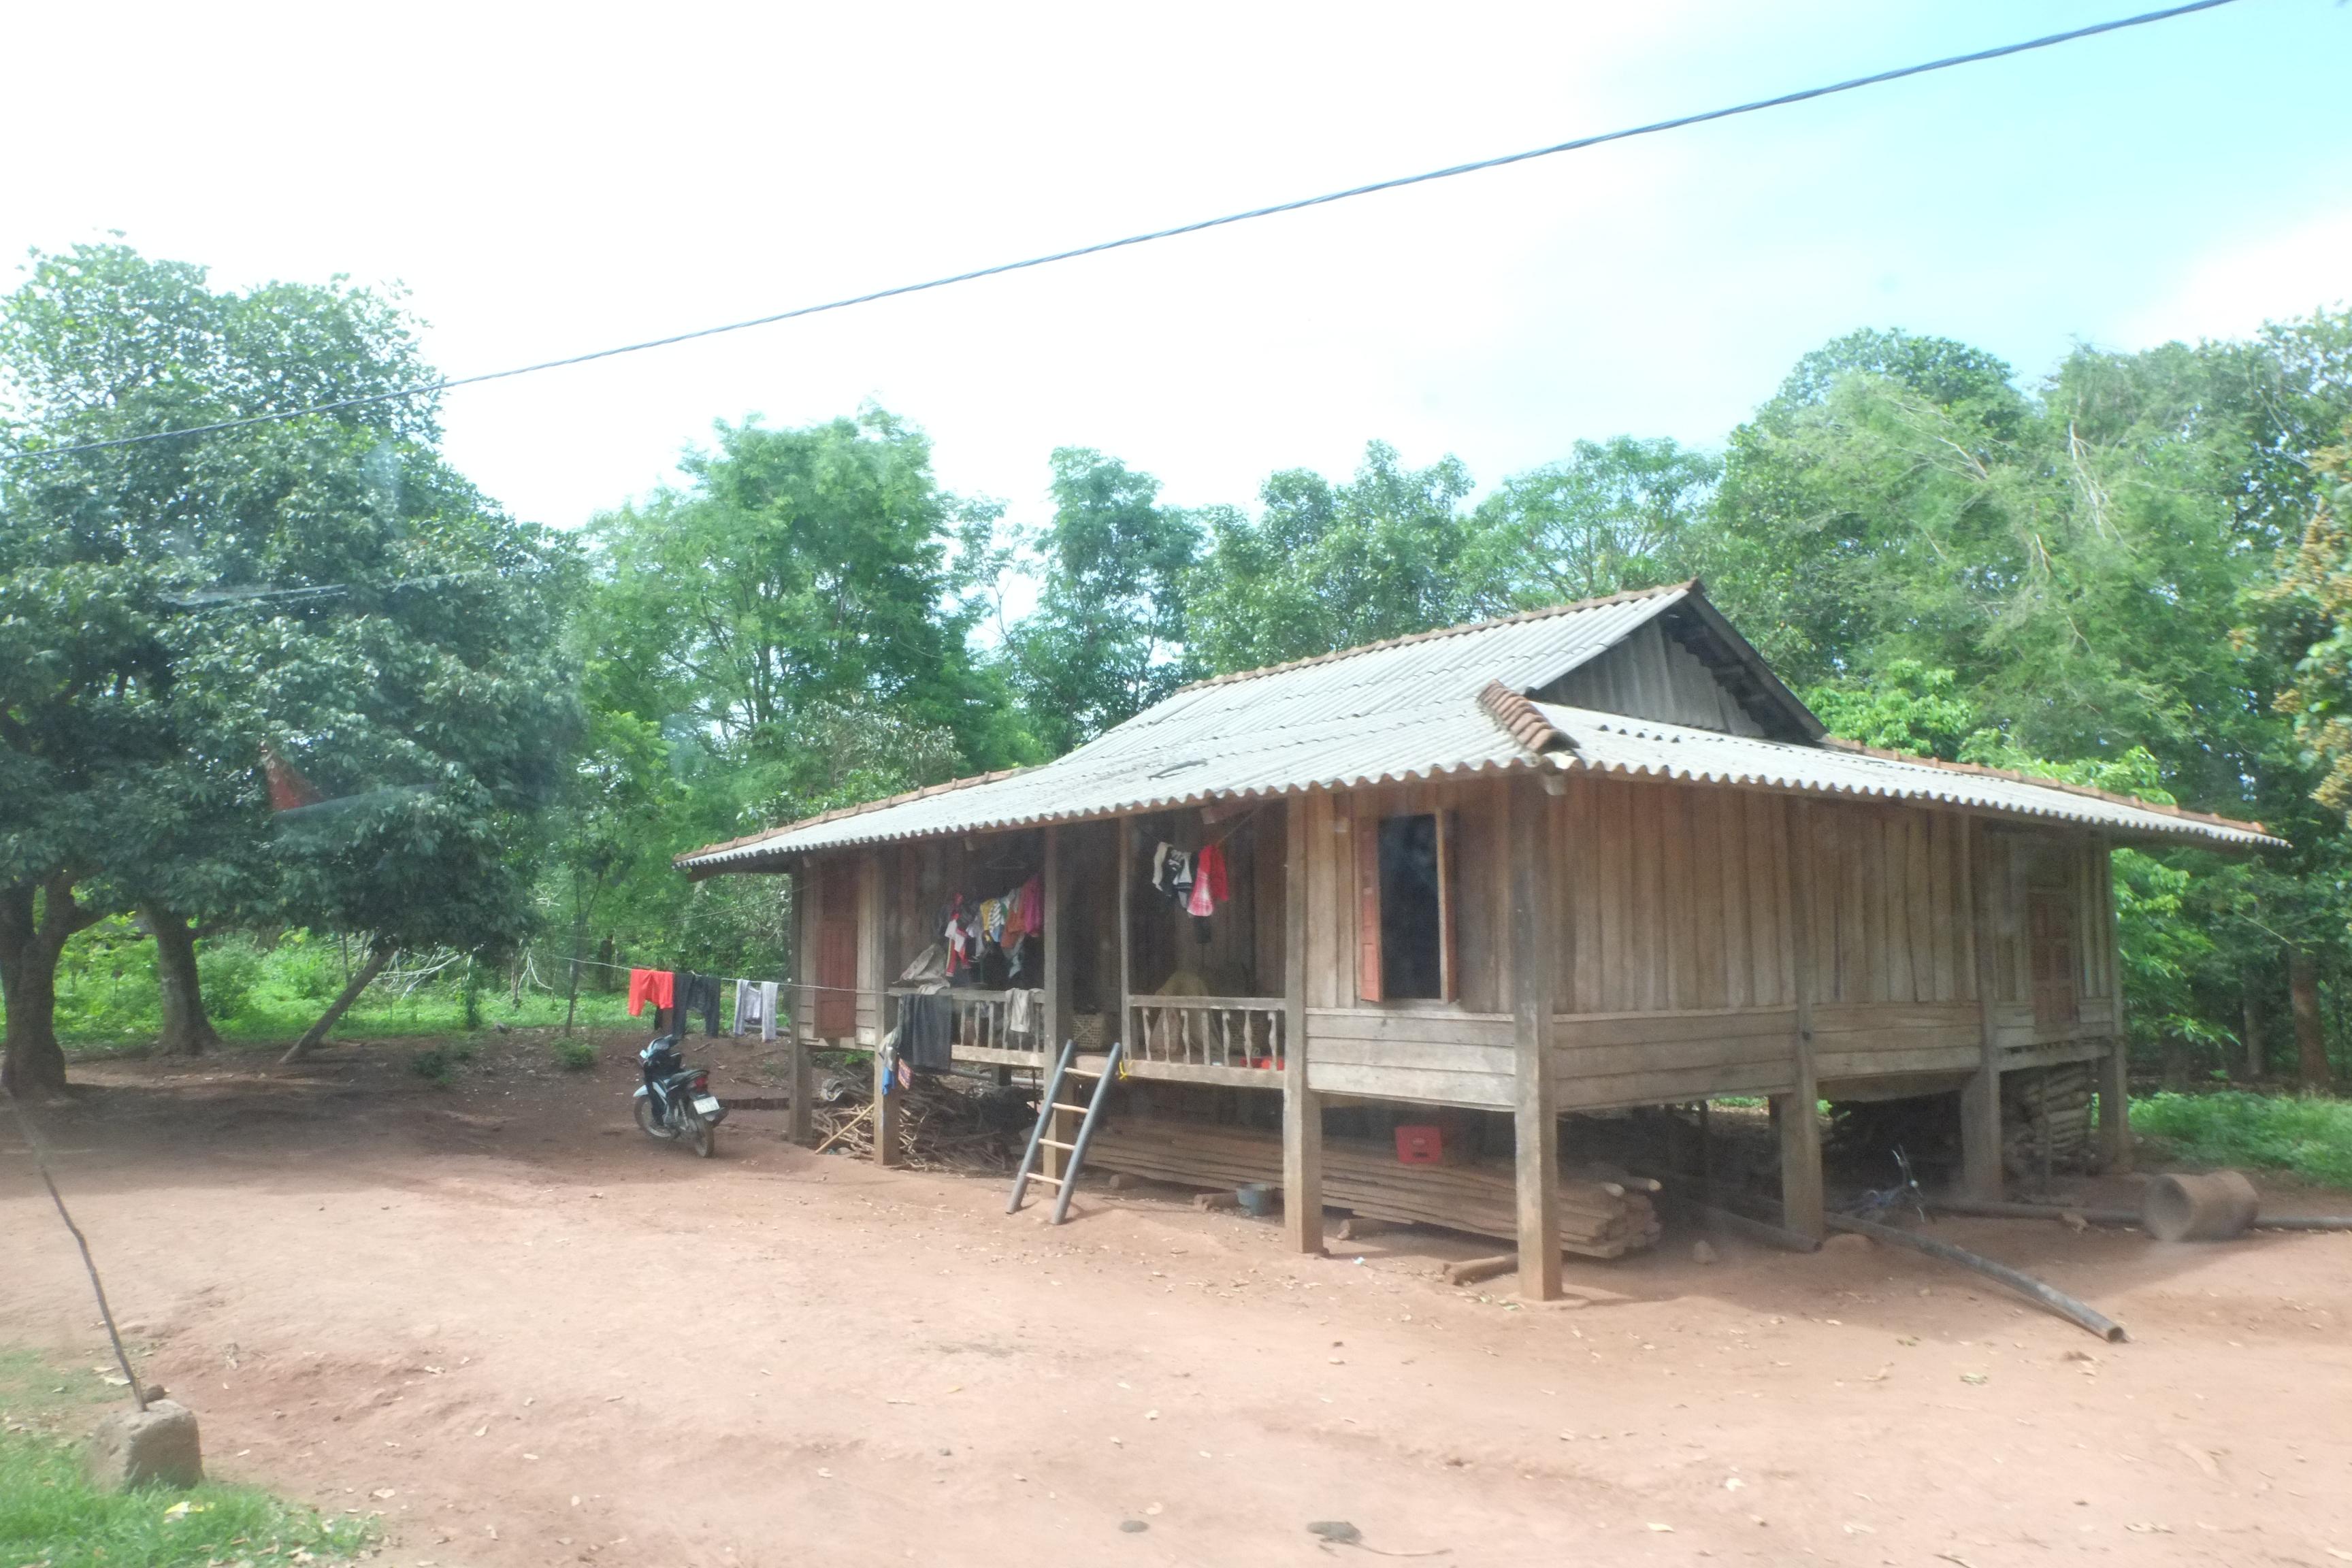 Xã biên giới A Dơi có hơn 90% đồng bào dân tộc thiểu số với những nếp nhà đơn sơ